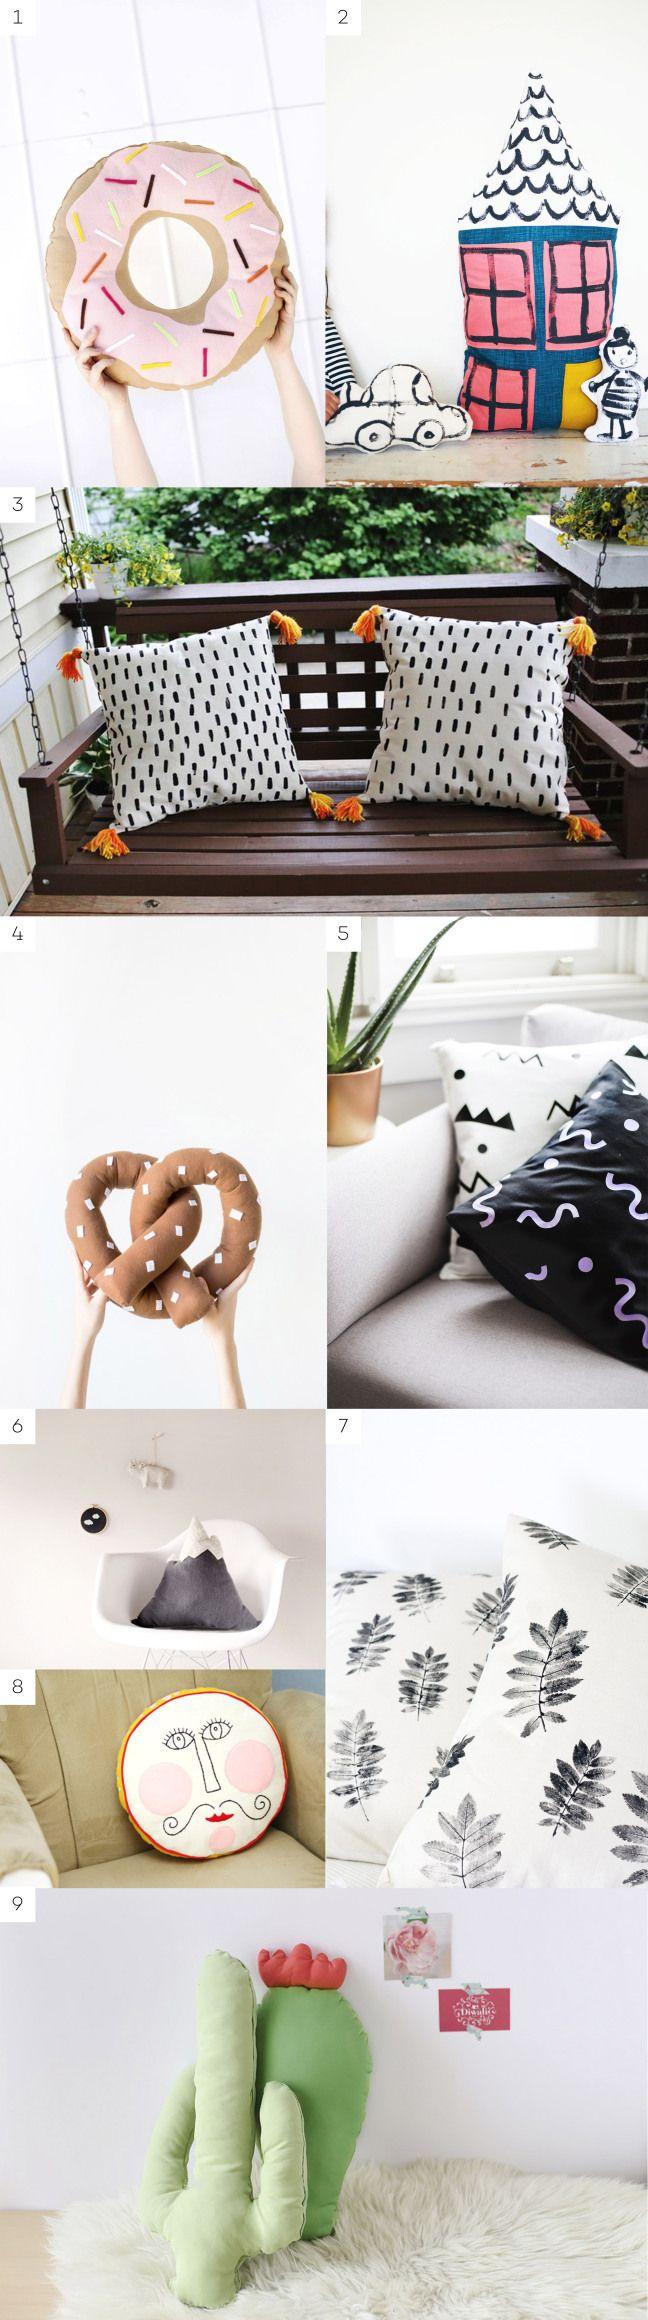 DIY ideas: Crea tus propios cojines | DIY ideas: Make your own pillows - en The Creative Jungle